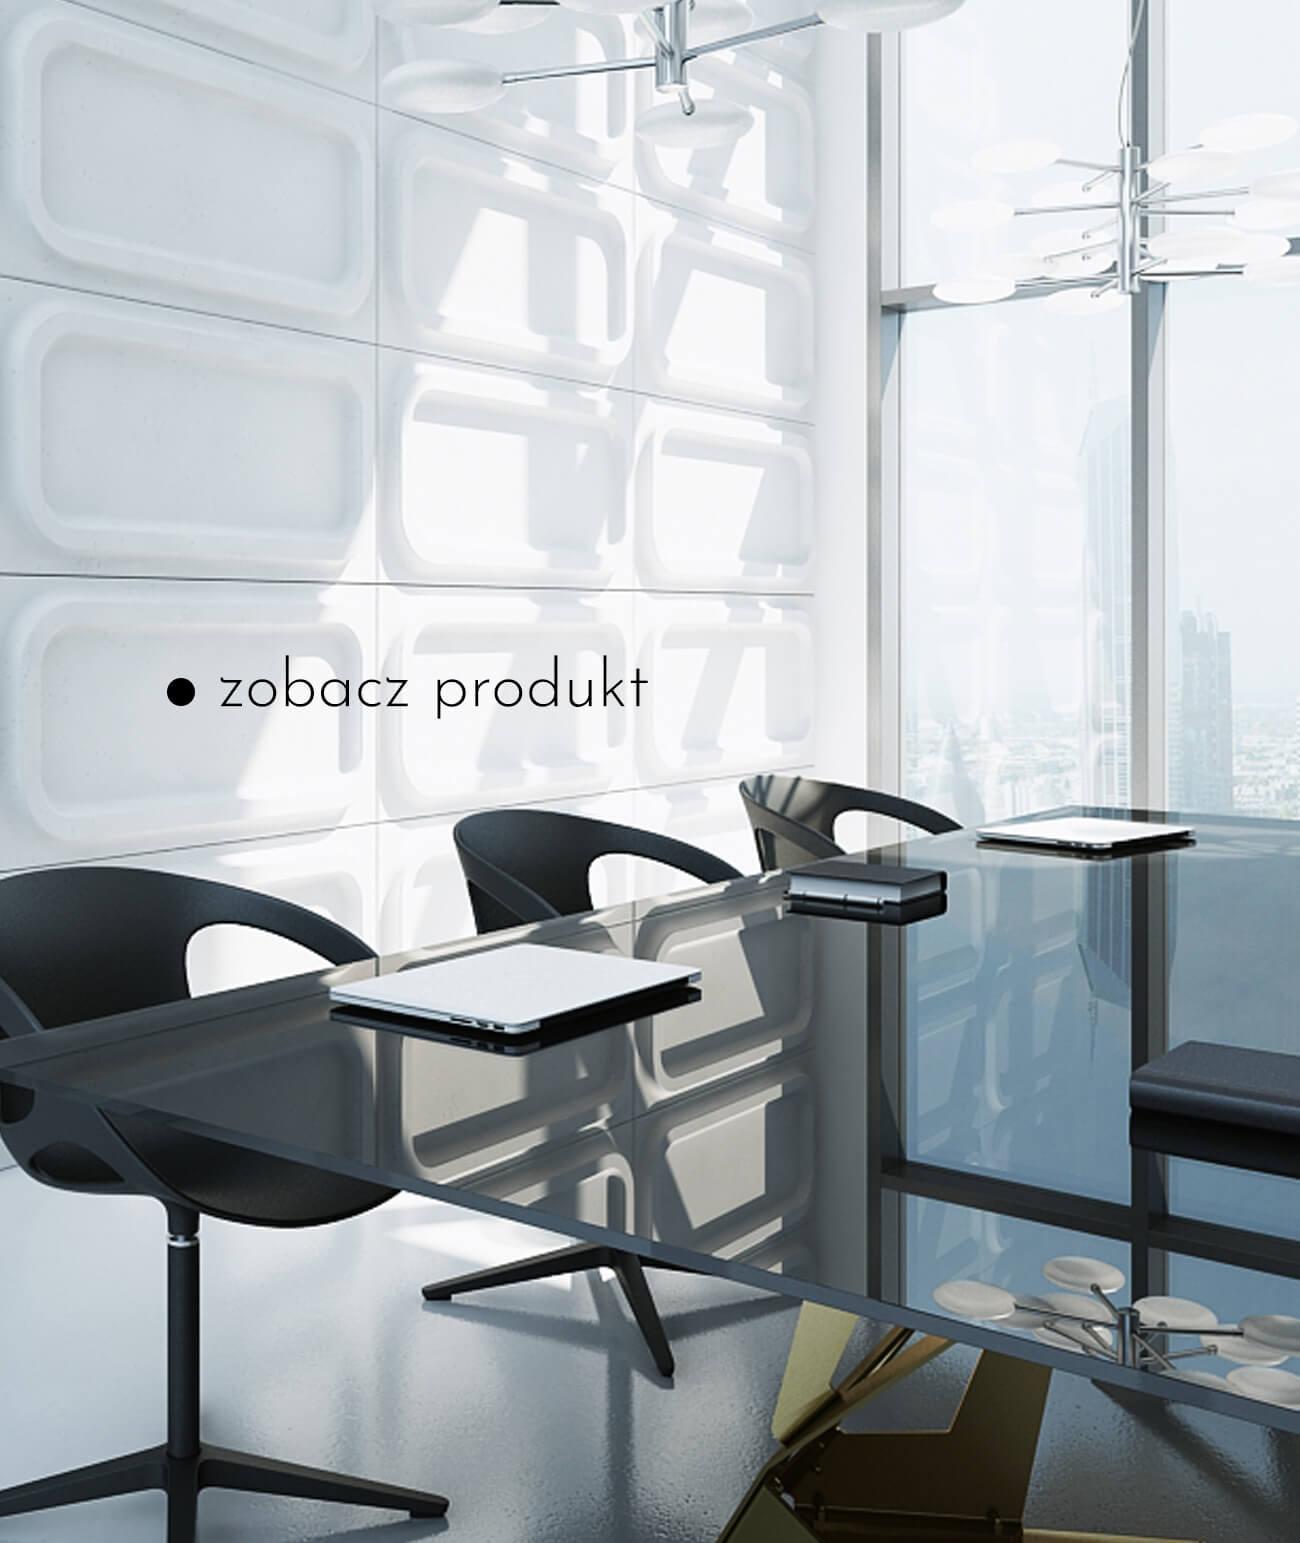 panele-betonowe-3d-scienne-i-elewacyjne-beton-architektoniczny_533-2988-pb19-bs-sniezno-bialy-modul-o---panel-dekor-3d-beton-architektoniczny-panel-scienny